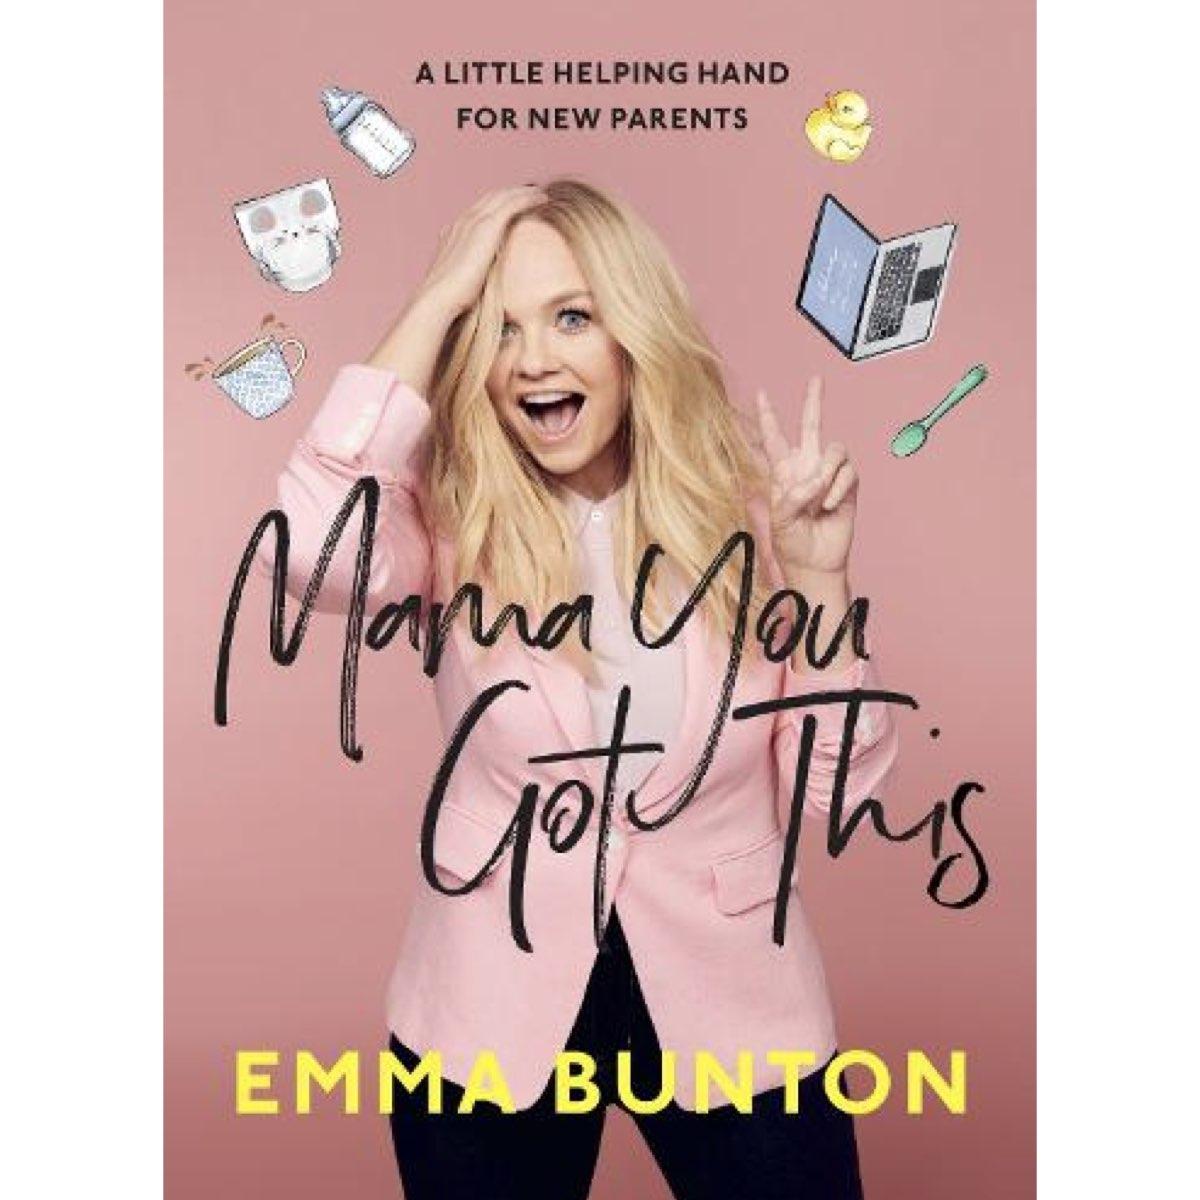 Emma Bunton - Mama You Got This: A Little Helping Hand For New Parent [Livro Autografado]